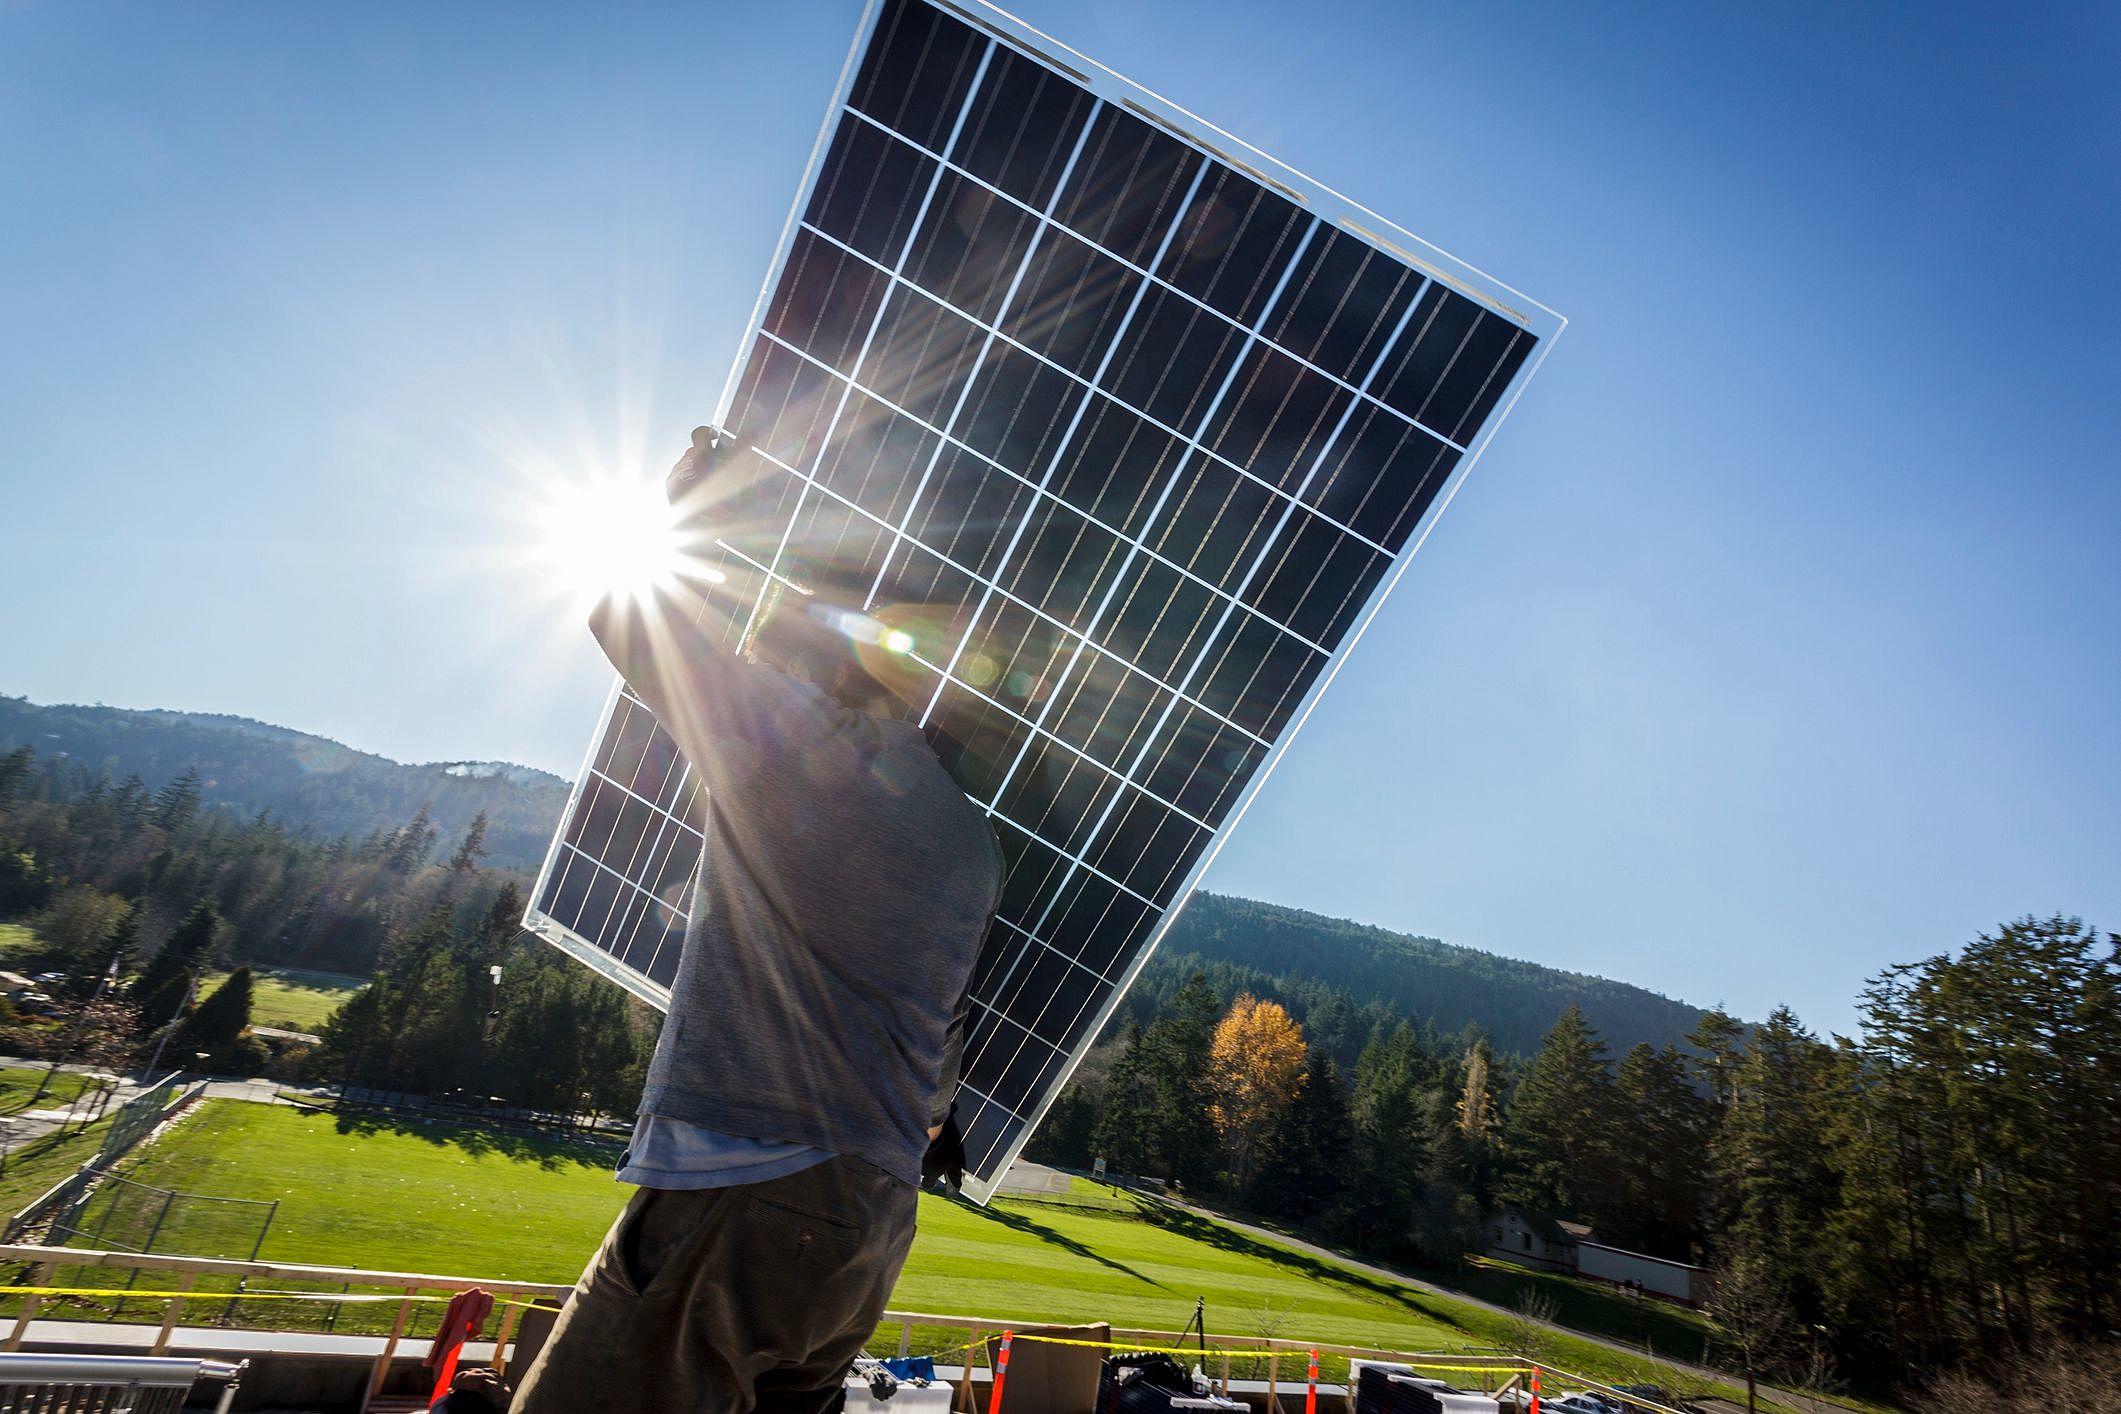 O que é preciso para trabalhar com energia solar?